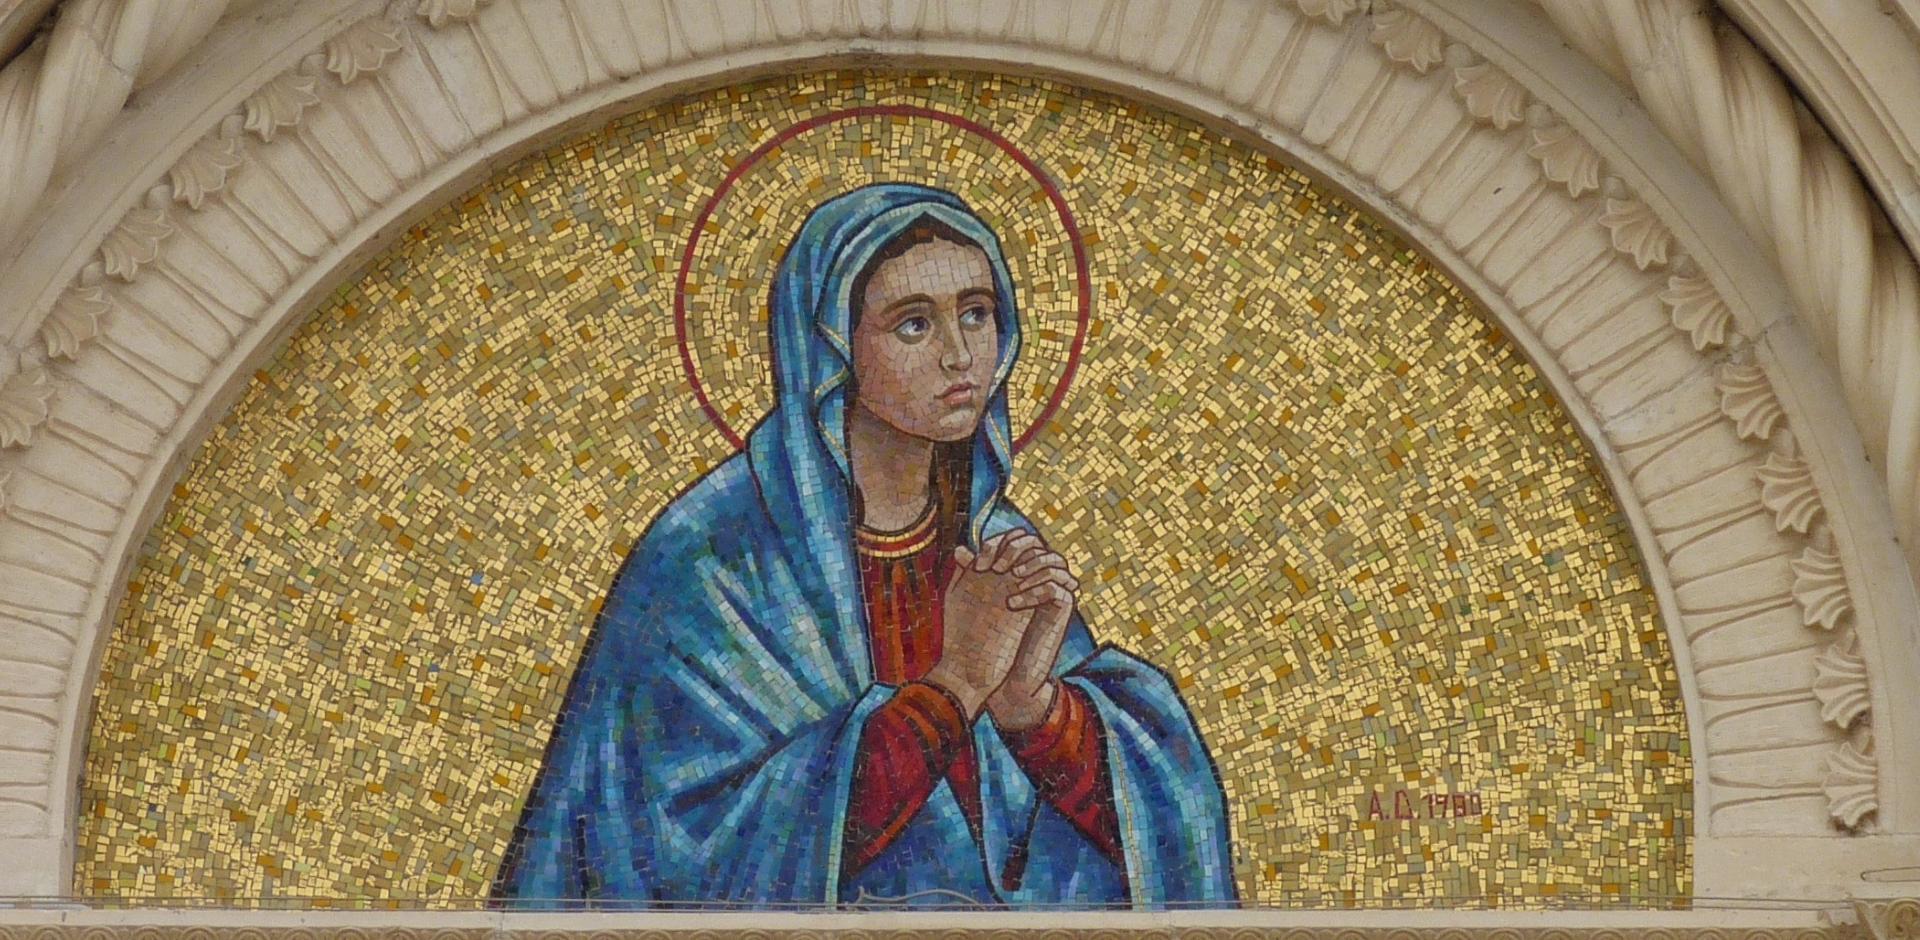 Rozpoczynają się nabożeństwa majowe – Litania Loretańska ma nowe wezwania